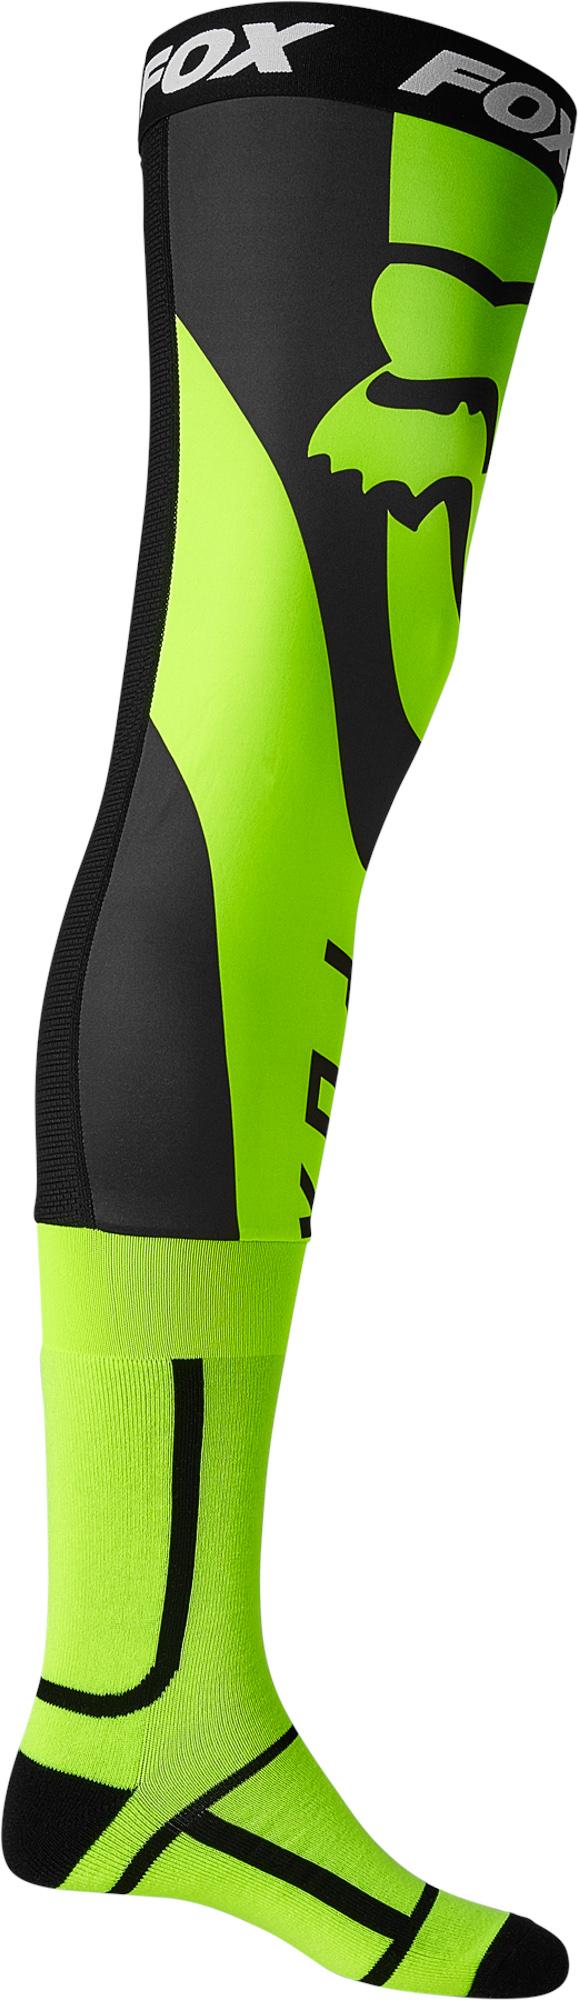 FOX Mirer Knee Brace Sock - L, Fluo Yellow MX22